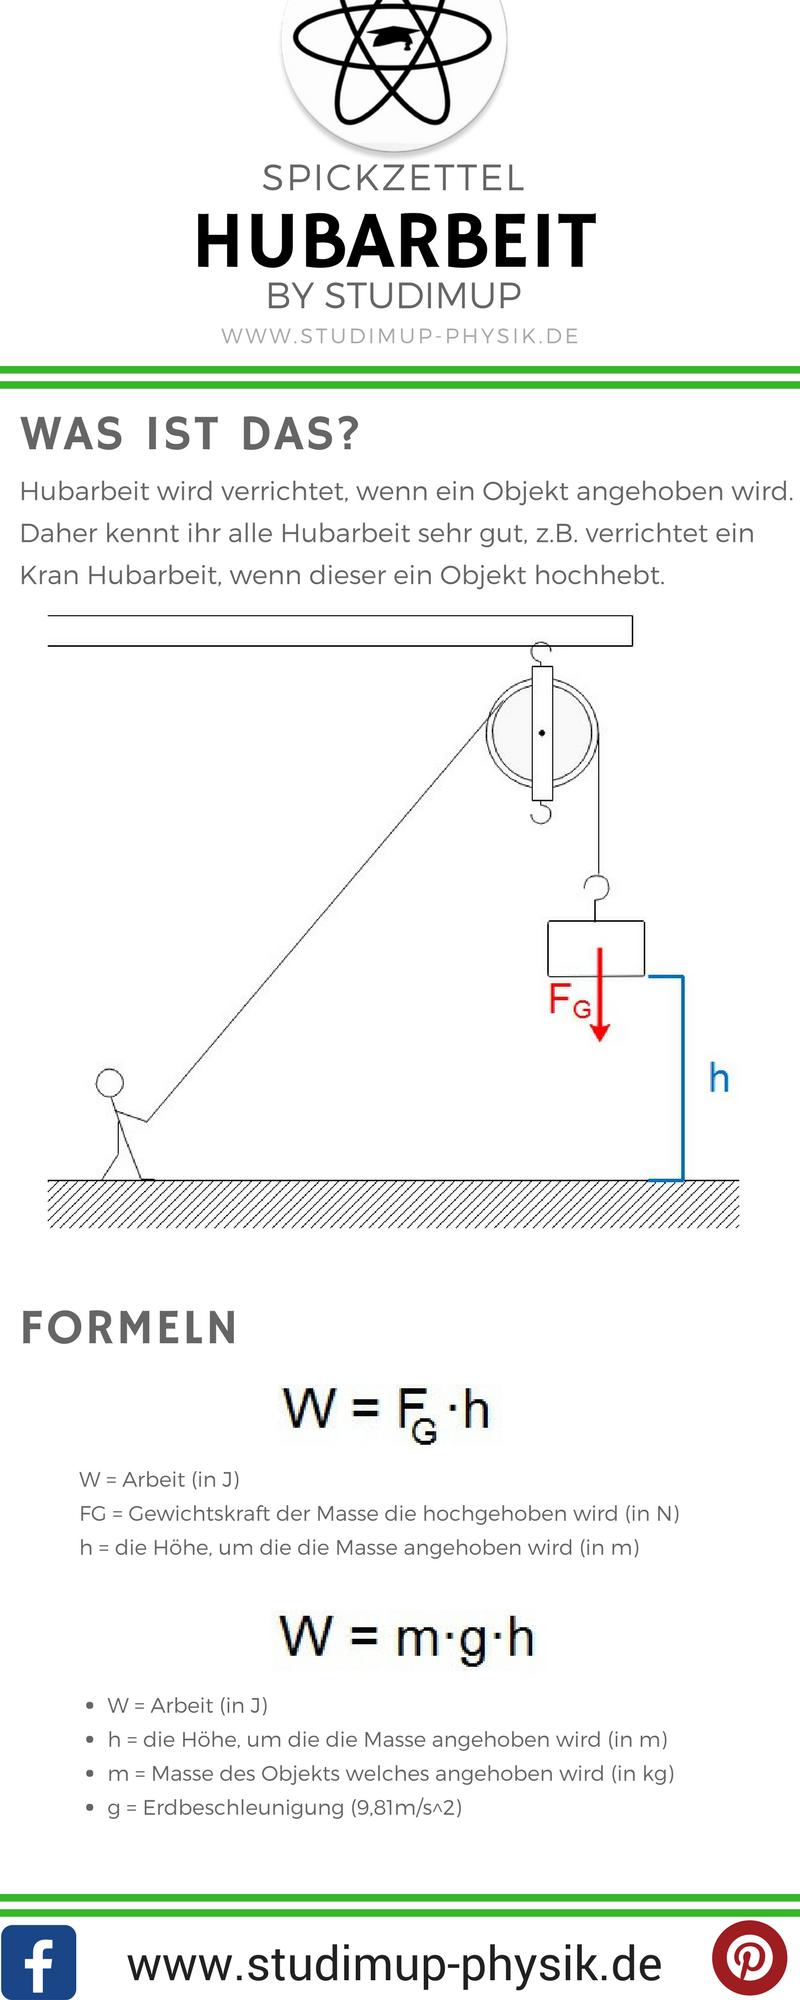 Physik Spickzettel zur Hubarbeit von Studimup. Die etwas andere ...